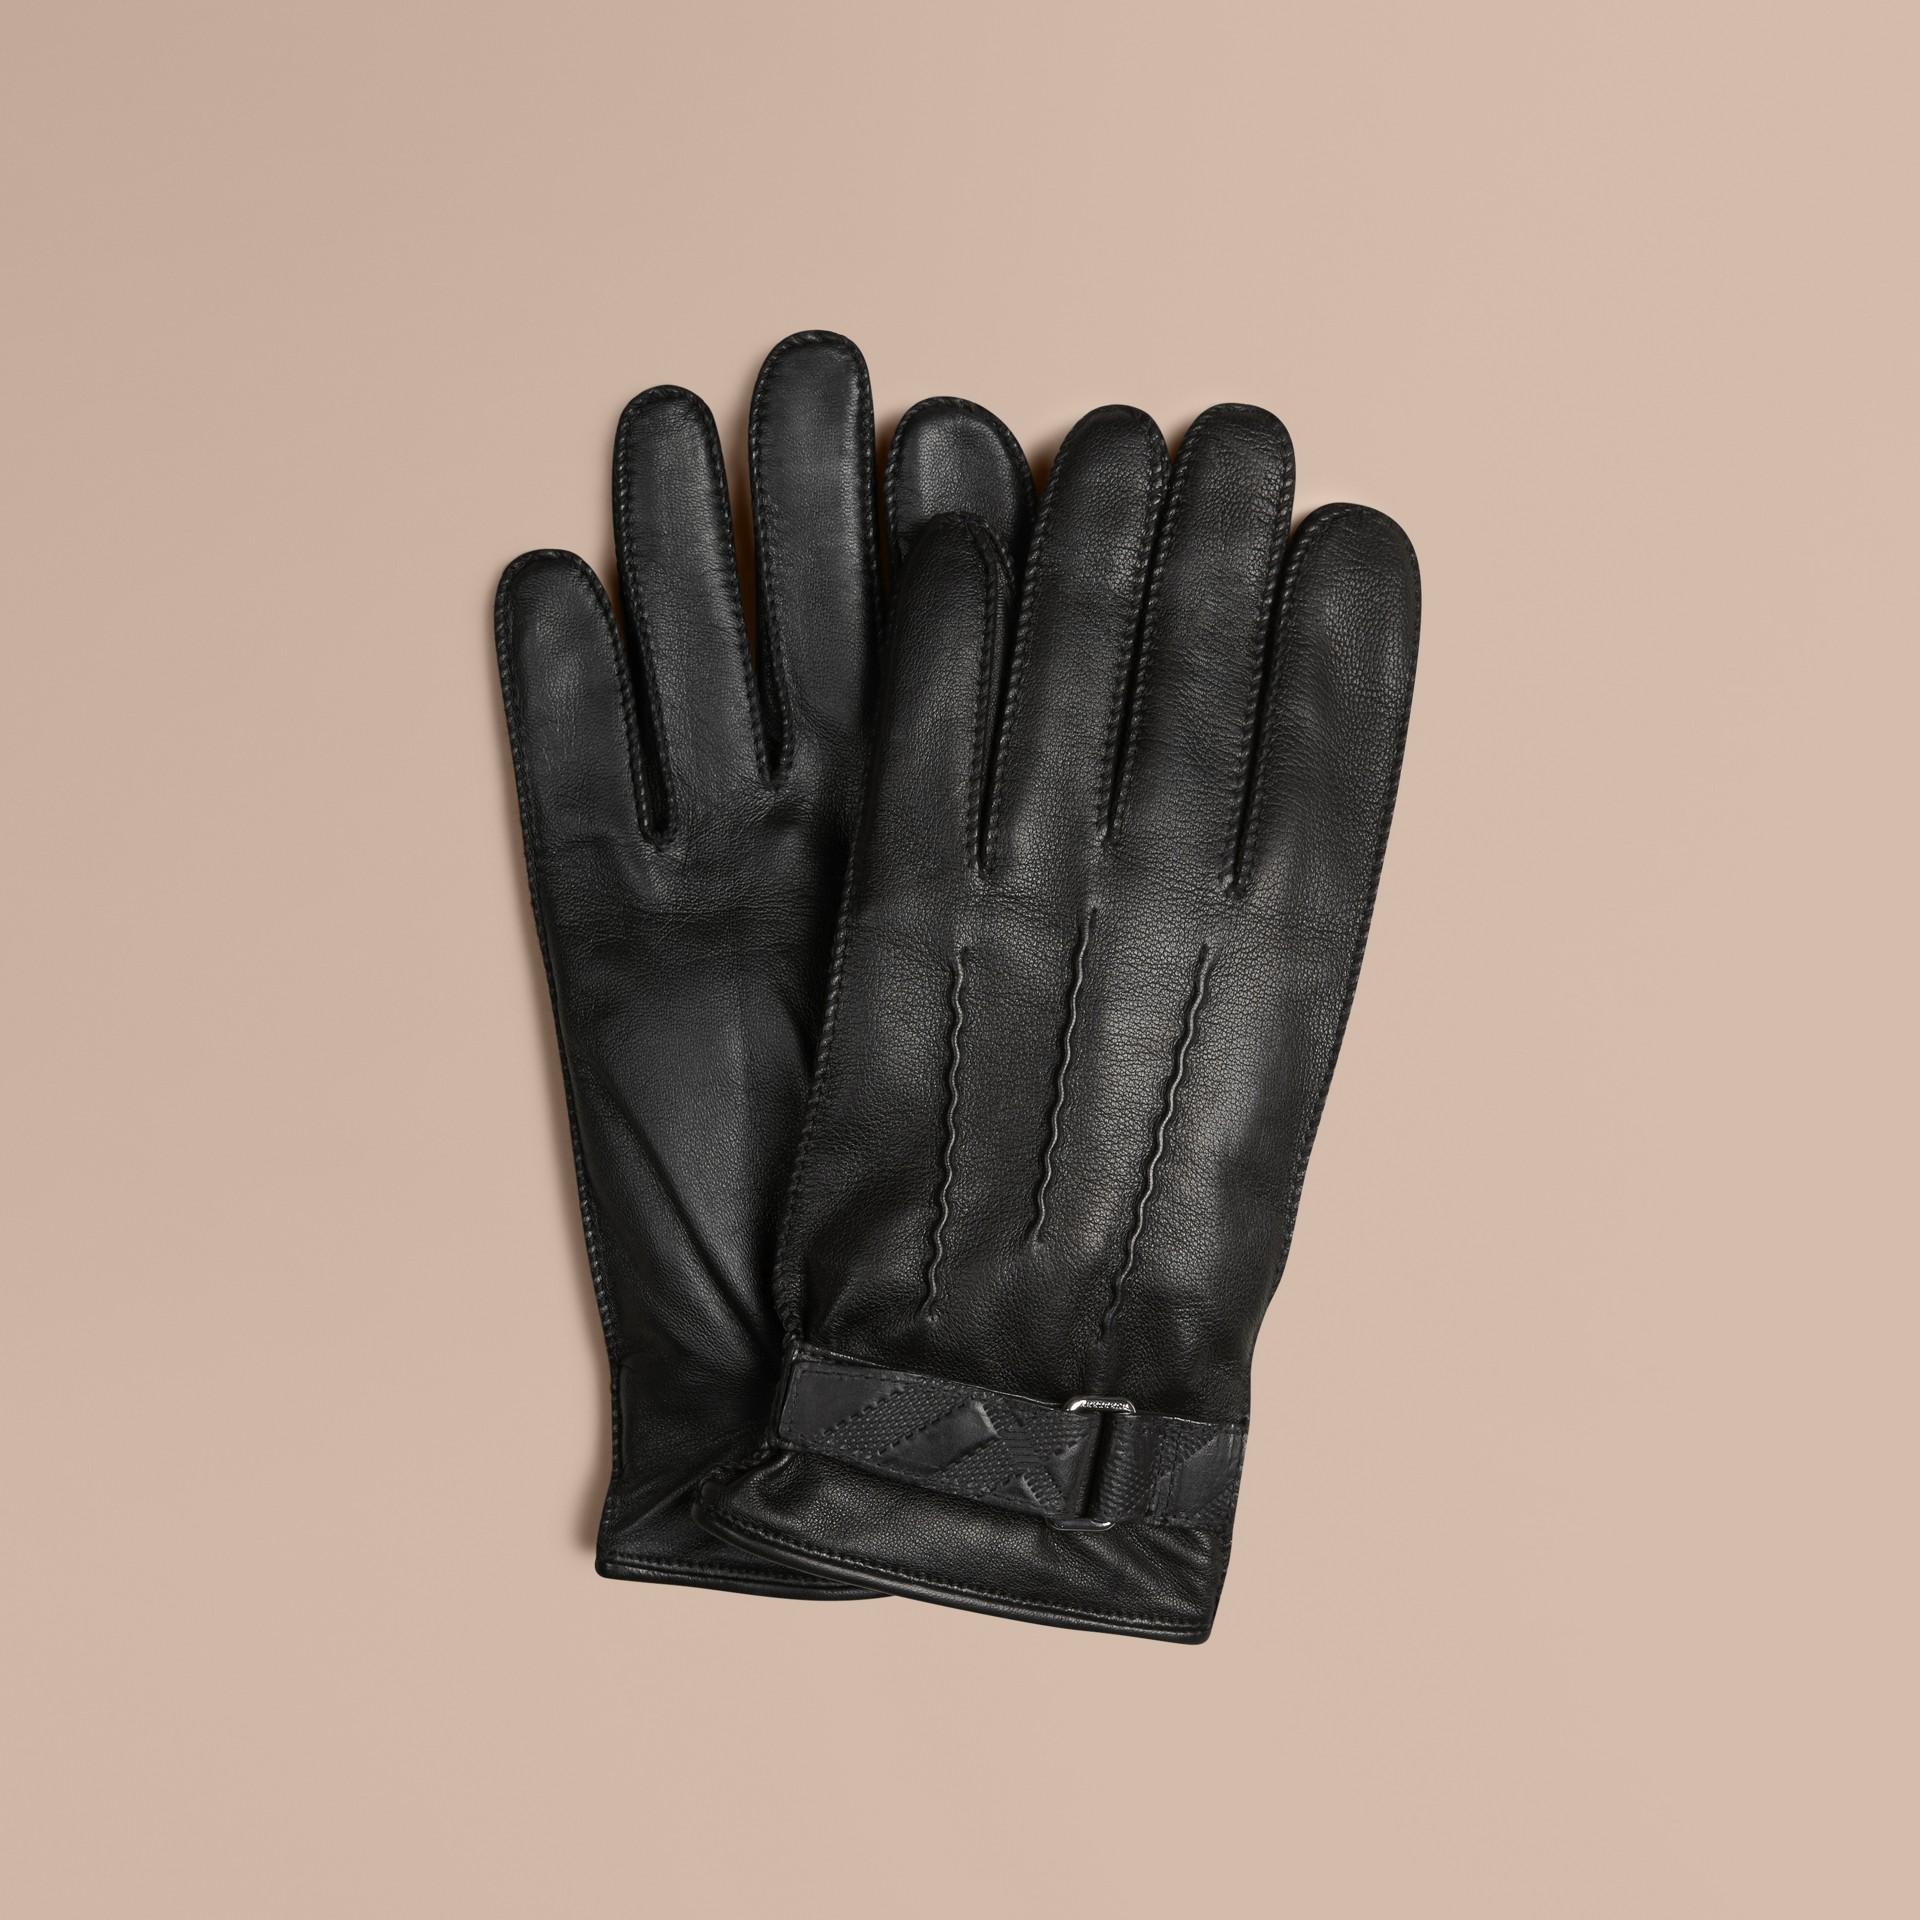 Nero Guanti per touchscreen in pelle con dettaglio con motivo check in rilievo - immagine della galleria 1